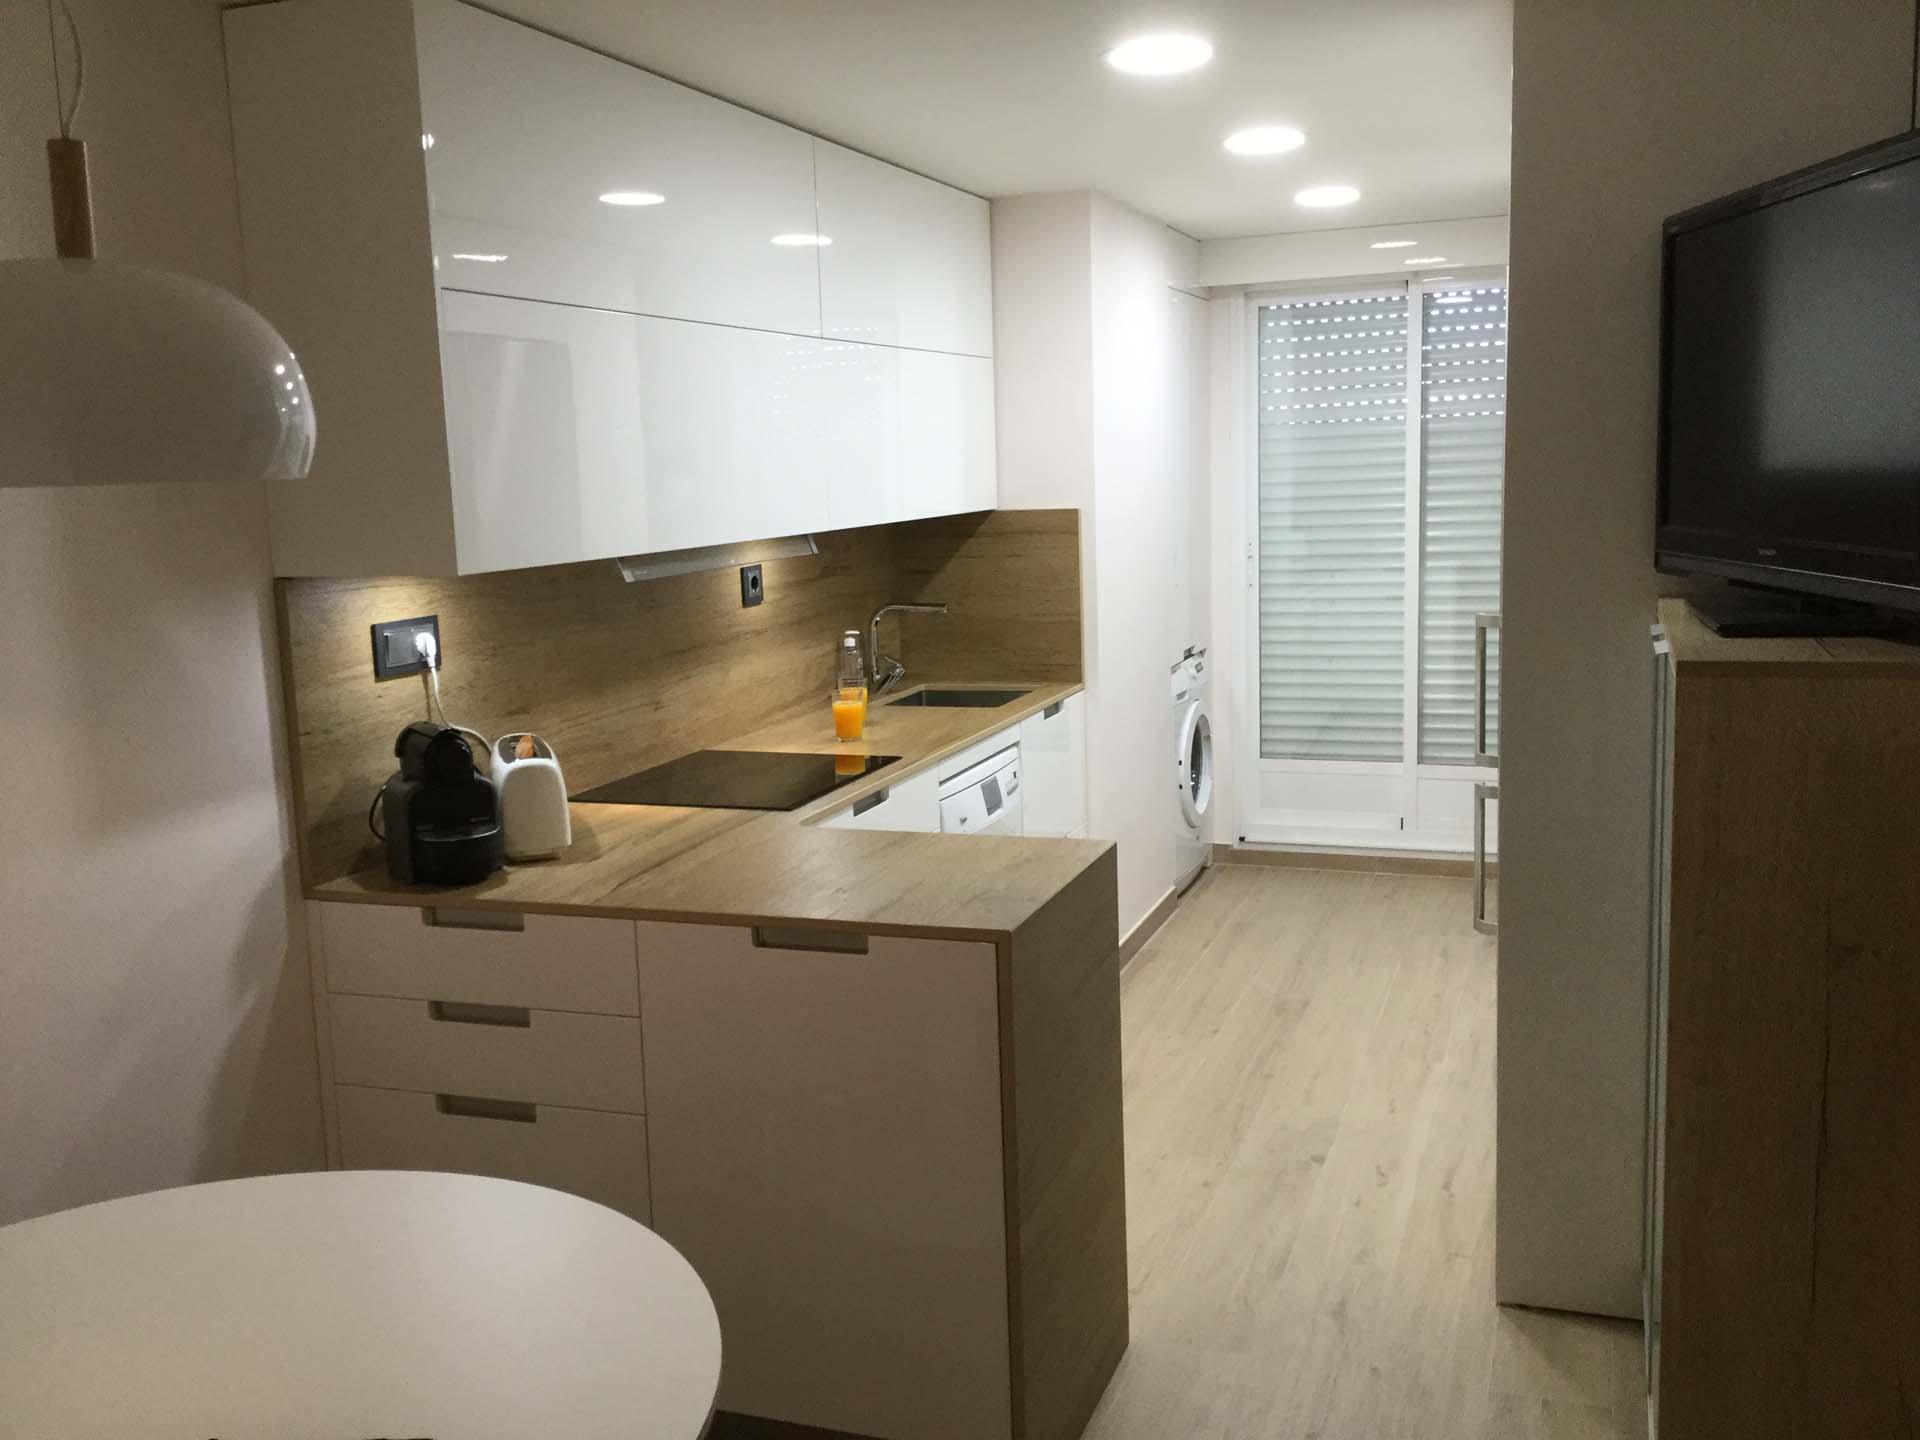 Cocina lacada blanco brillo modelo tunez con dexton for Encimera de cocina lacada en blanco negro